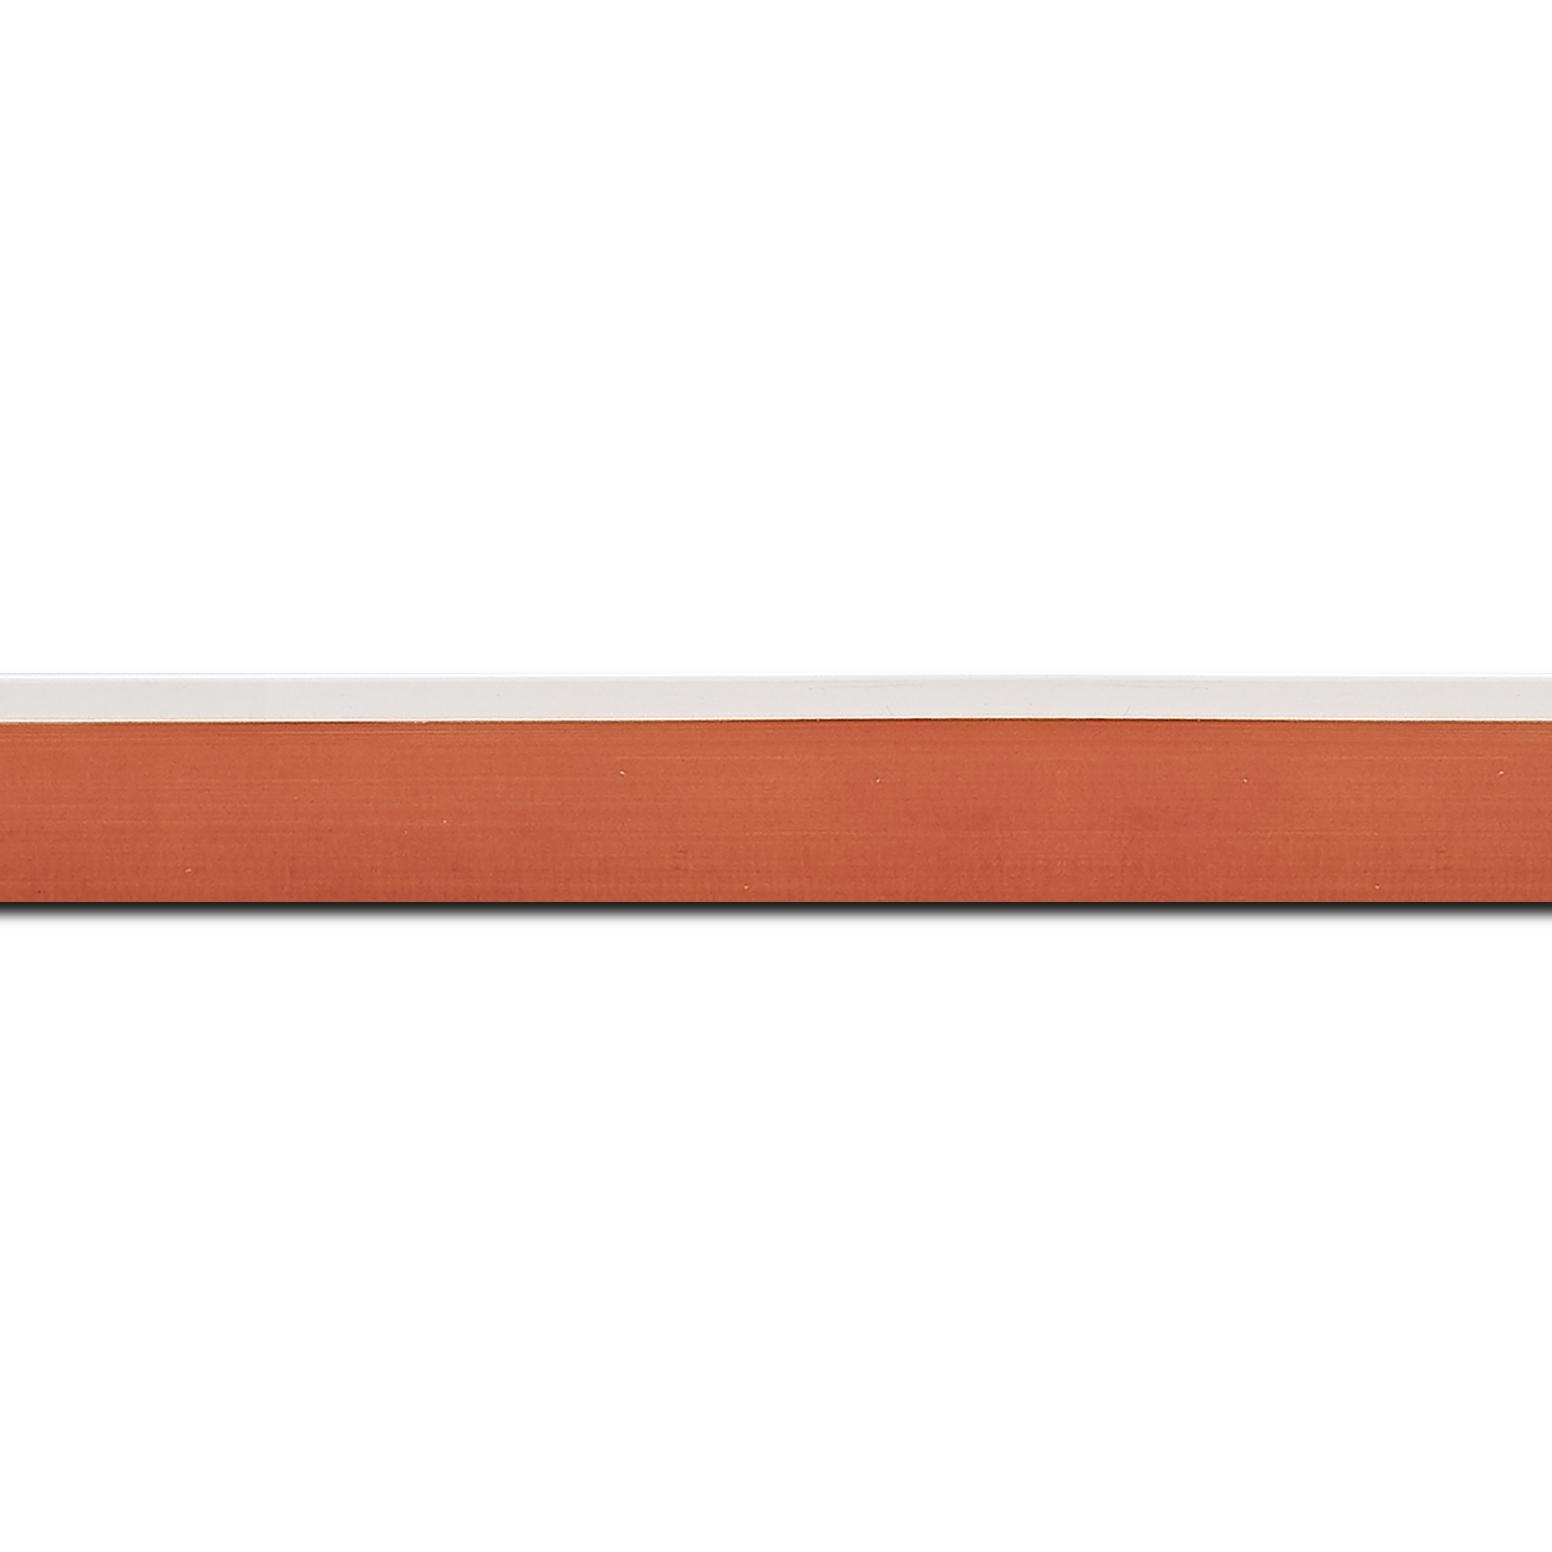 Baguette longueur 1.40m bois profil en pente plongeant largeur 2.2cm couleur orange laqué filet extérieur blanc laqué